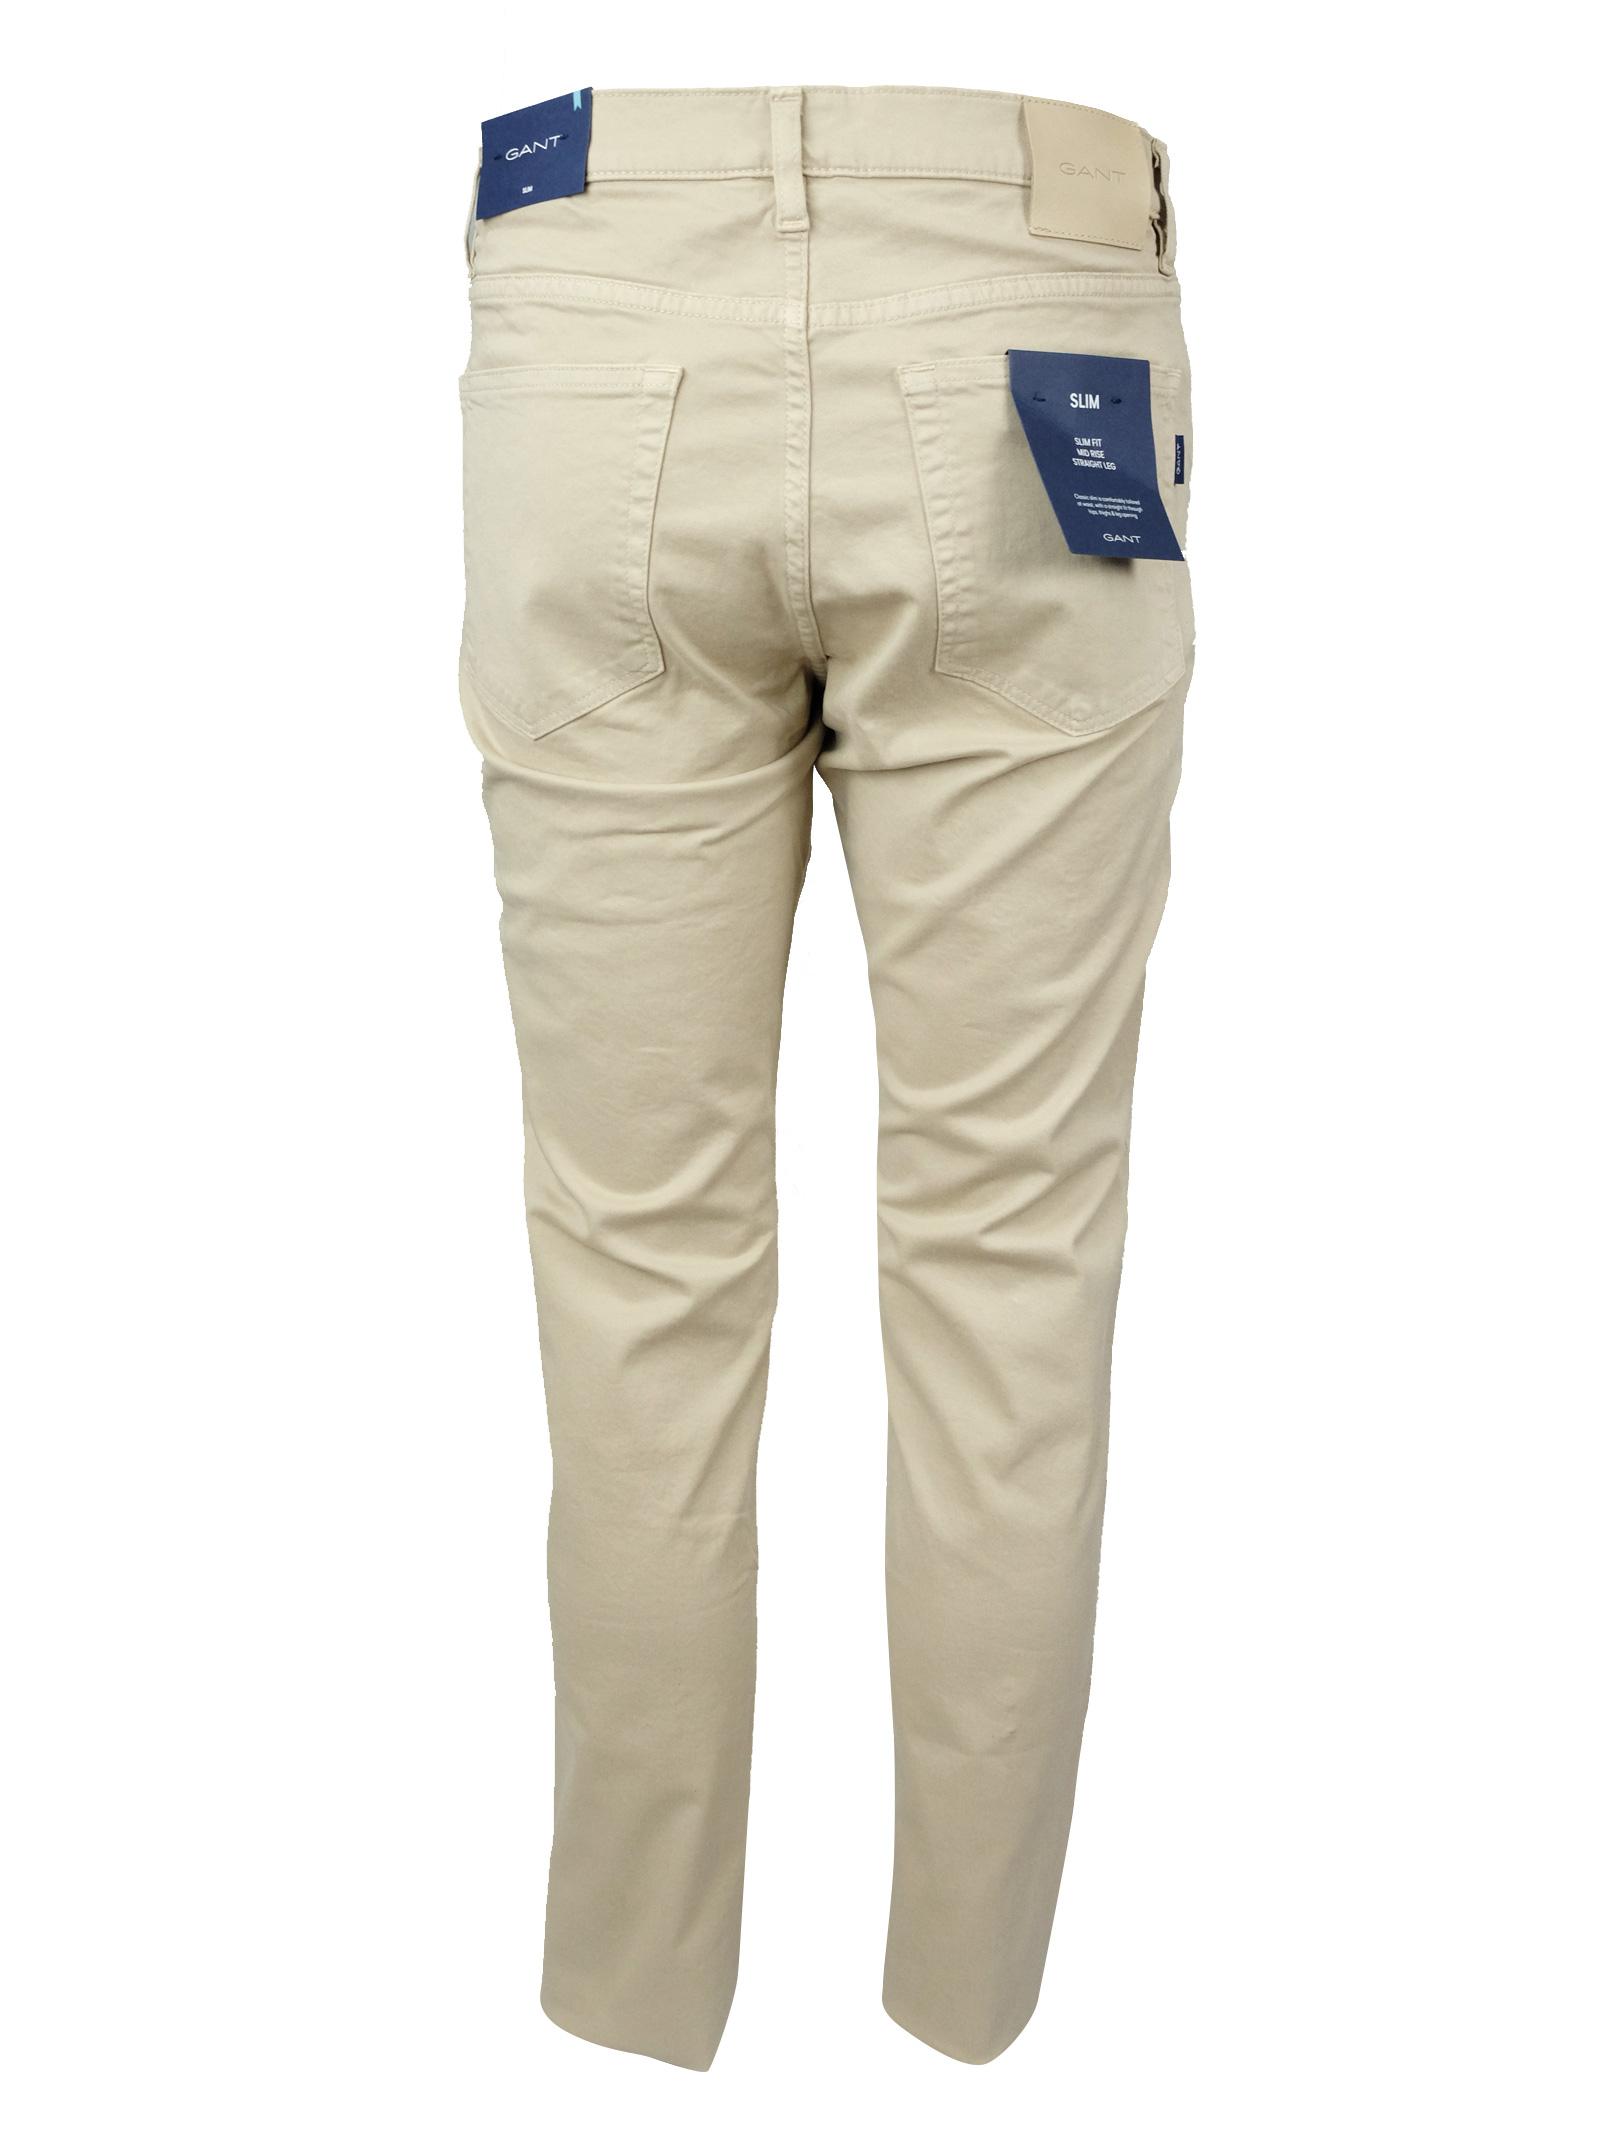 COTTON JEANSCOTTON JEANS95% COTTON 5% ELASTAN GANT | Jeans | 1010208277